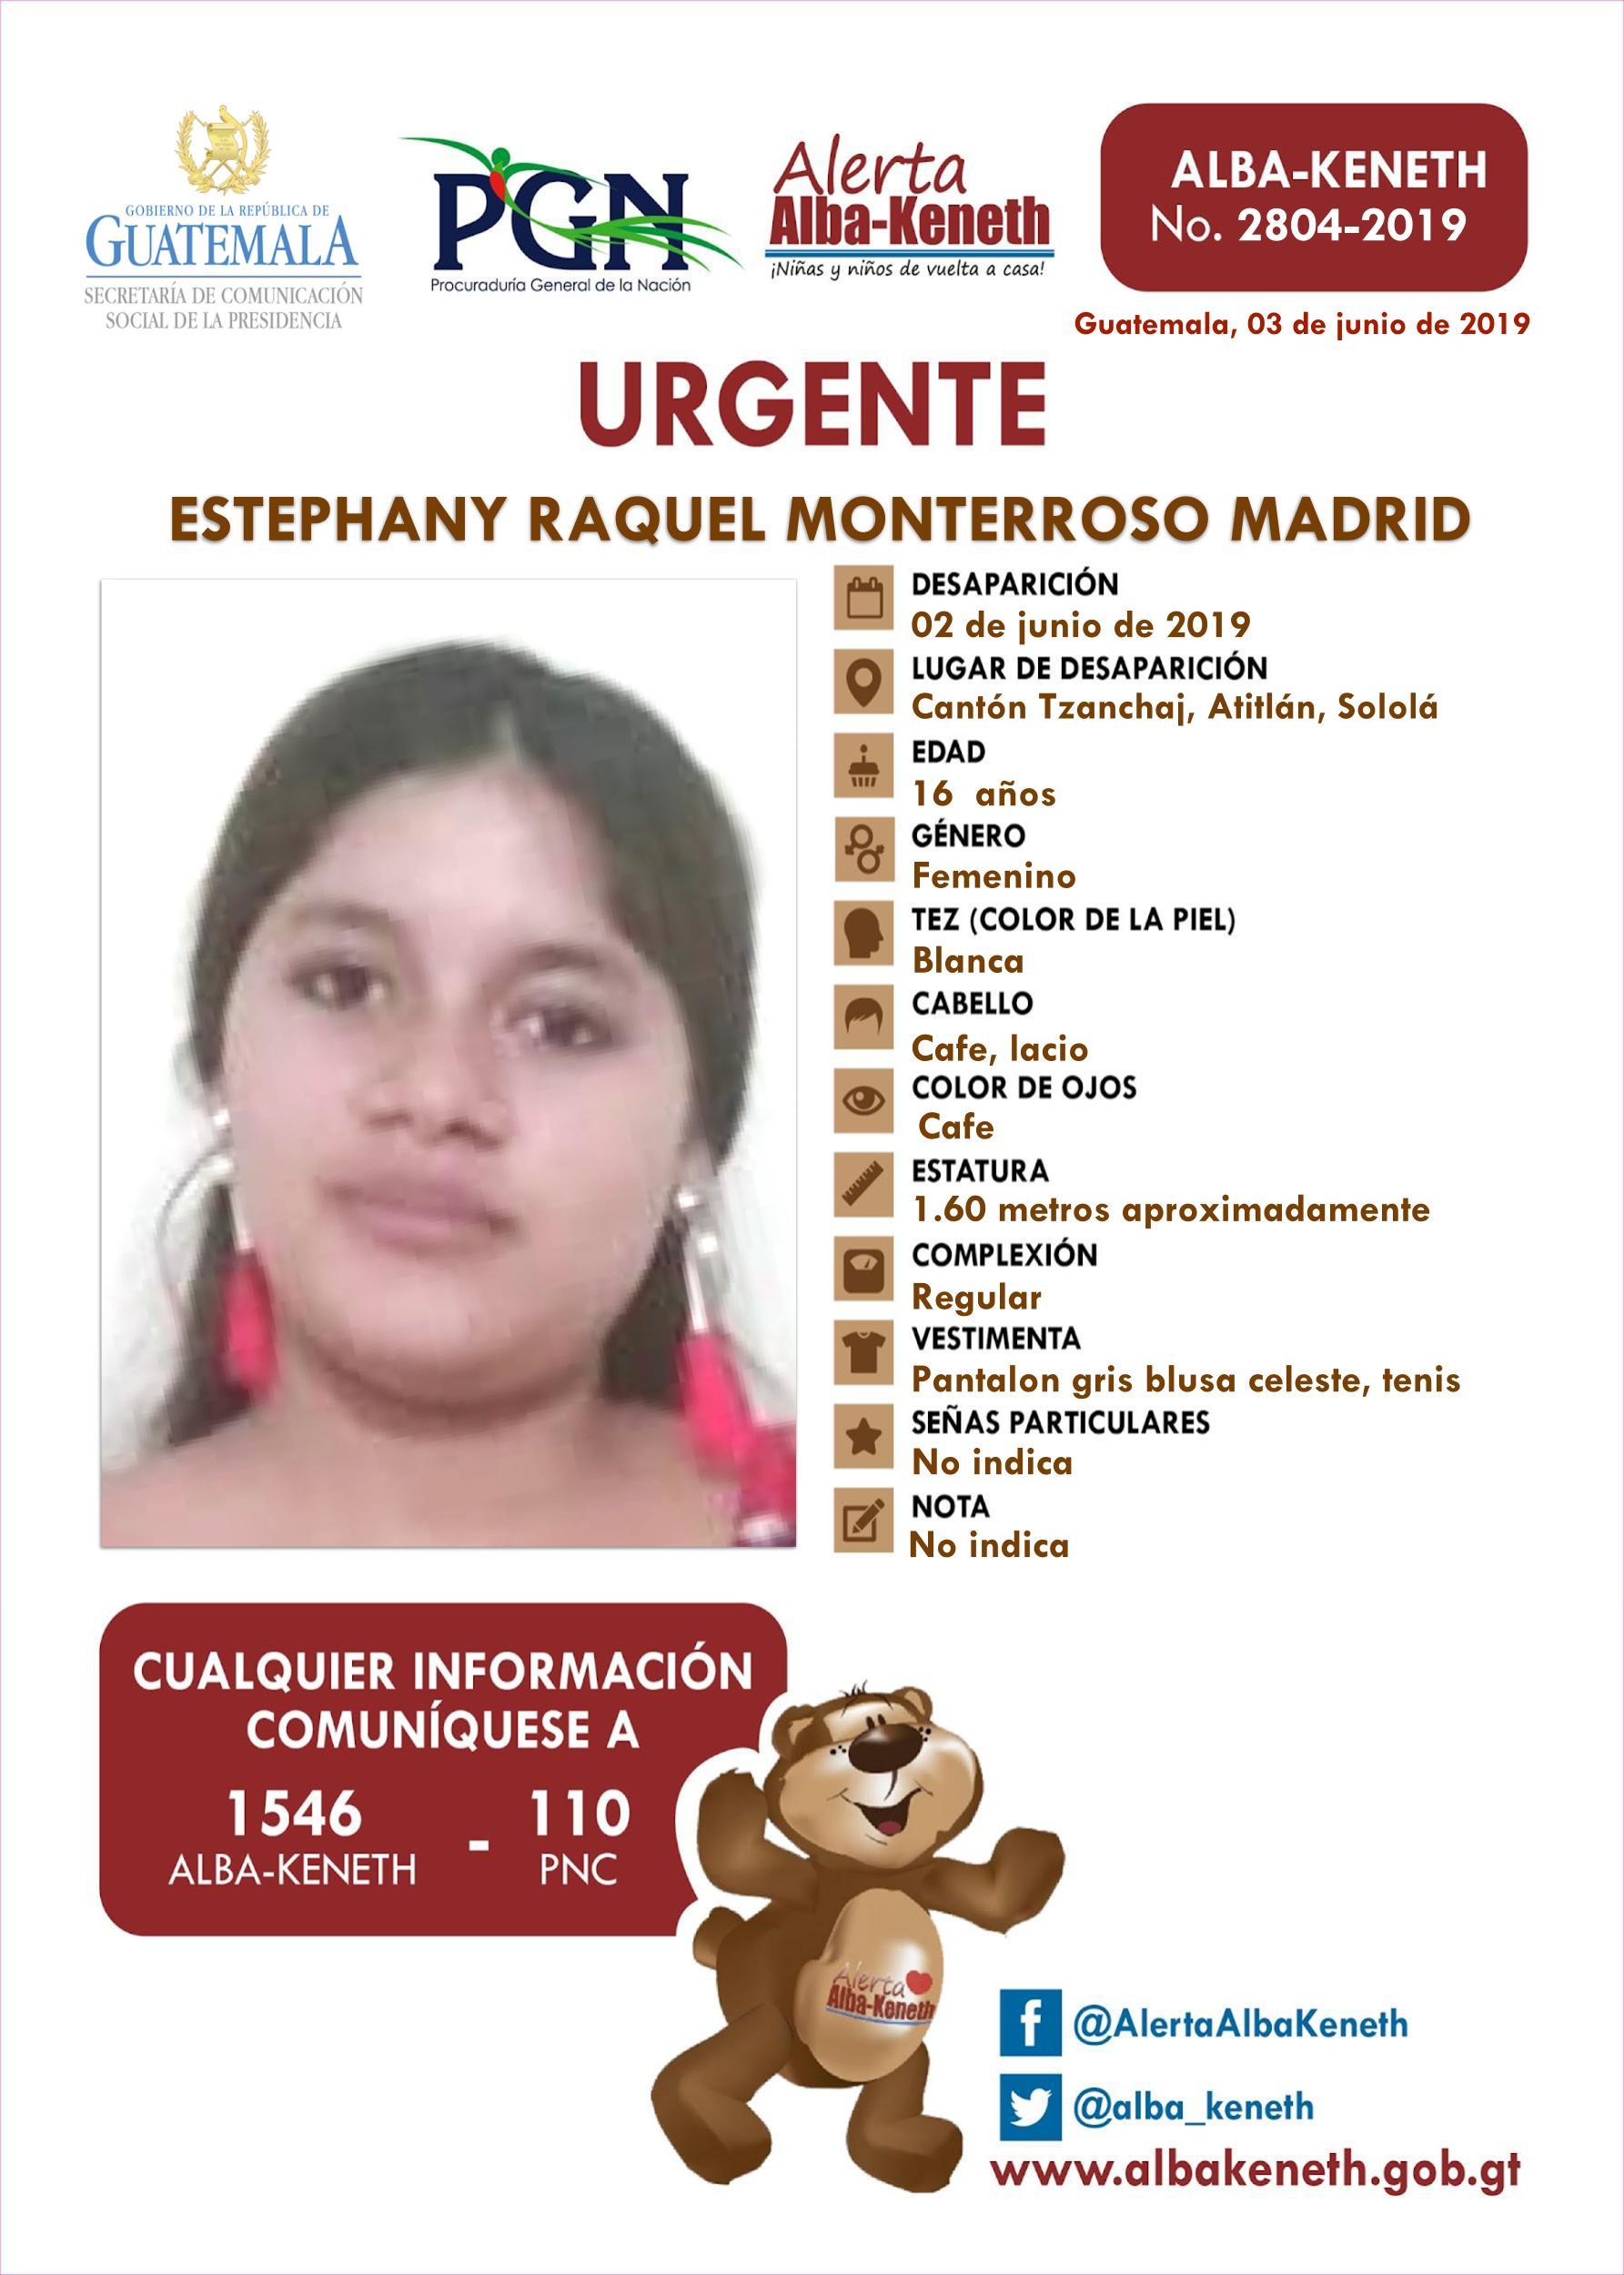 Estephany Raquel Monterroso Madrid